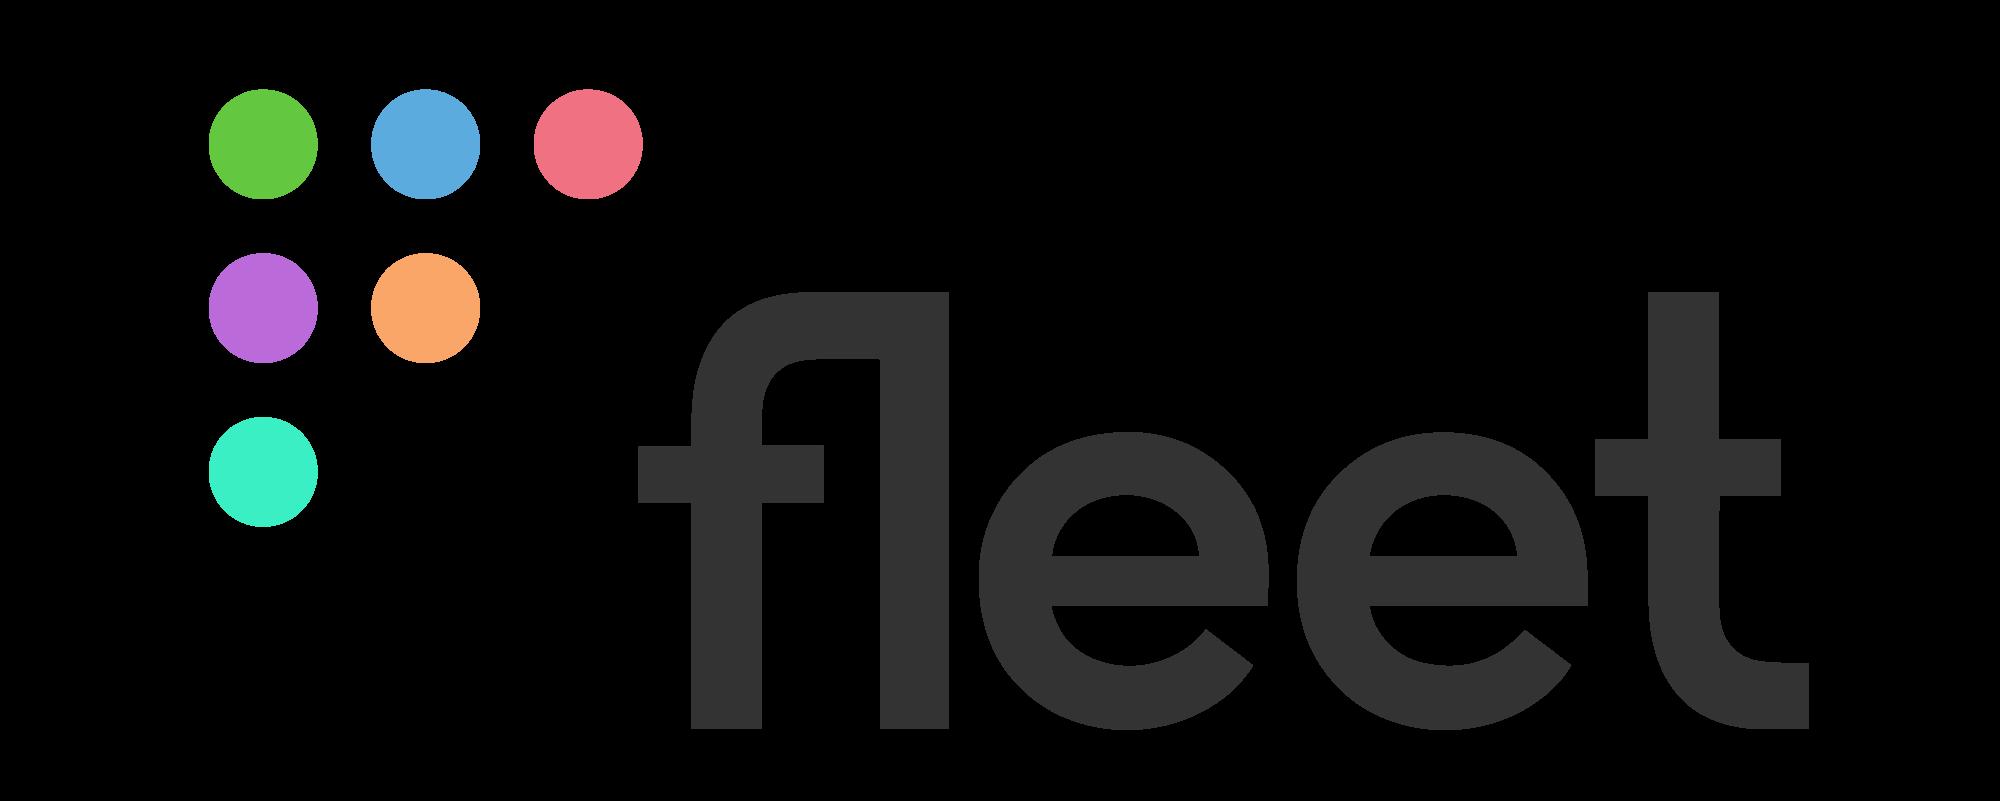 Fleet logo, landscape, dark text, transparent background